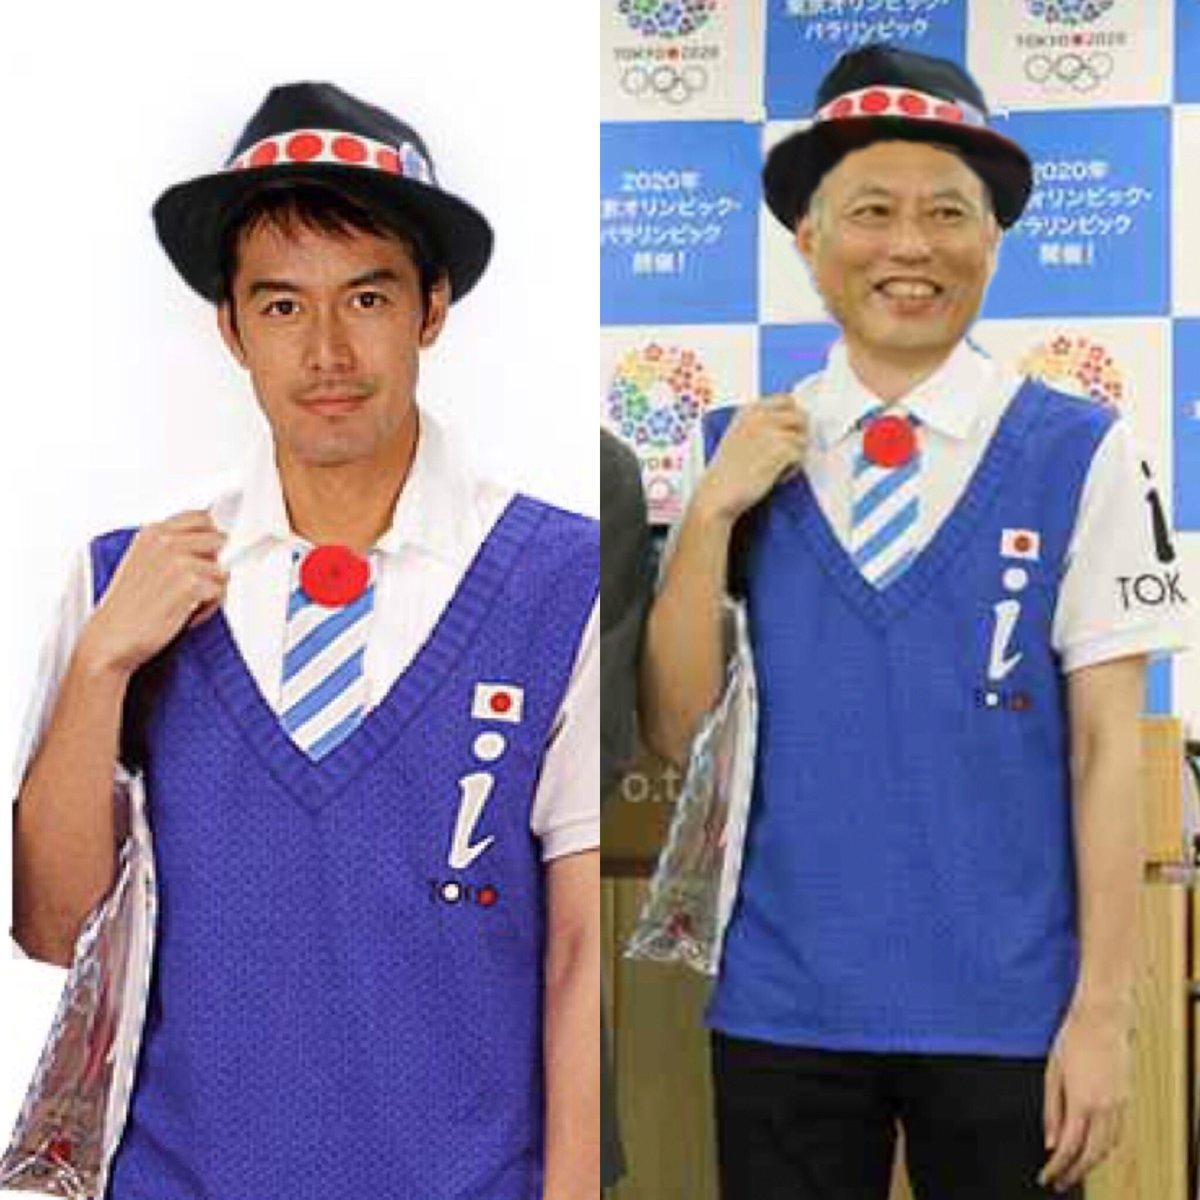 オリンピック ボランティア 2020ボランティアガイド 東京2020オリンピック・パラリンピックボランティア